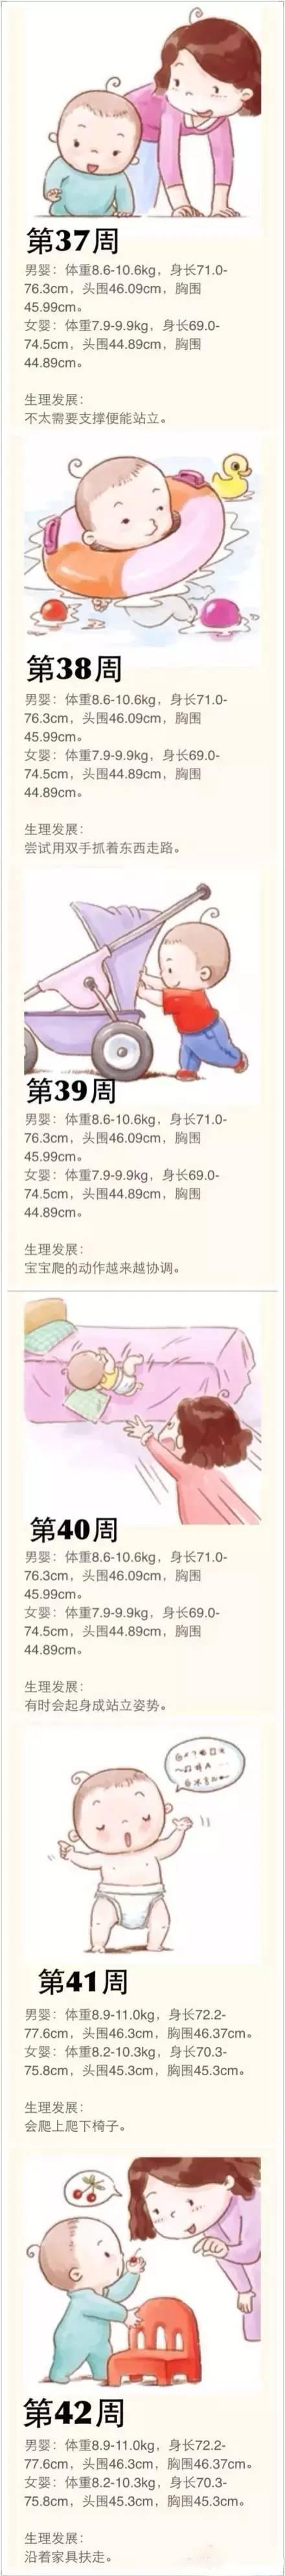 宝宝第1周-52周身高、体重及生理发展图示!一定要收藏!